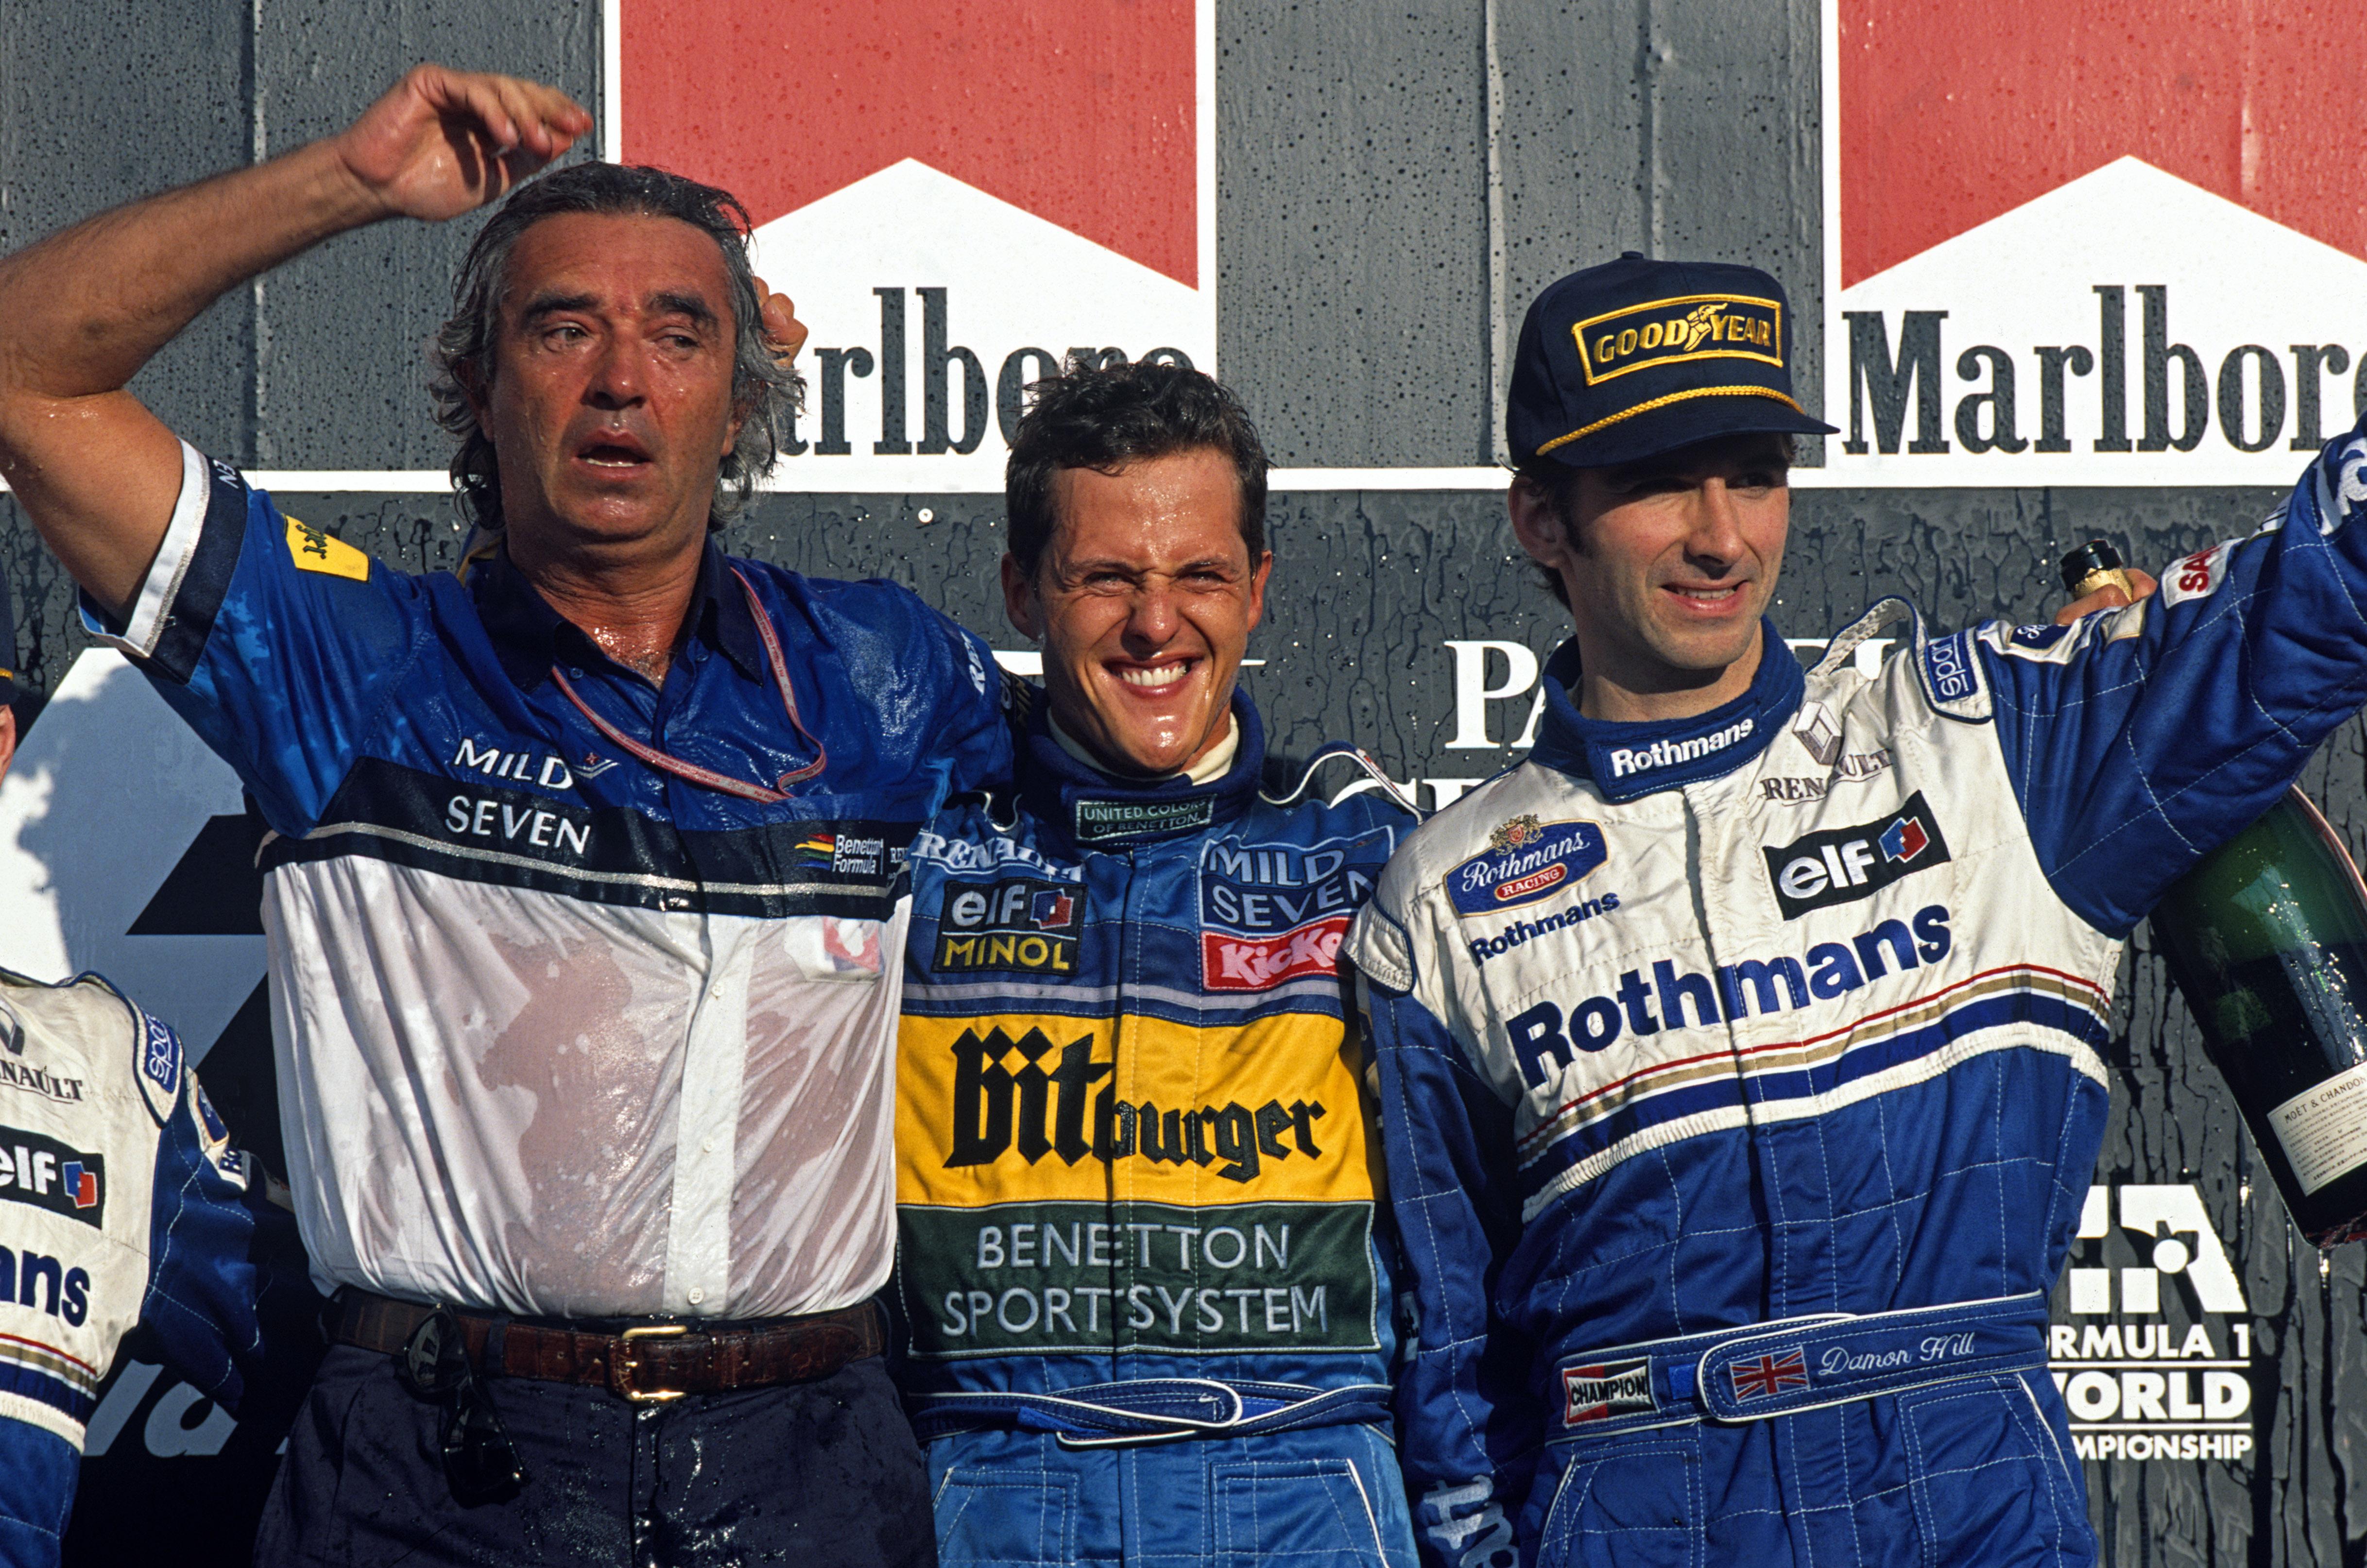 Michael Schumacher tok et velfortjent VM-gull i 1995 for Benetton. Her på podiet med teamsjef Flavio Briatore og tittelrival Damon Hill. Foto: Williams